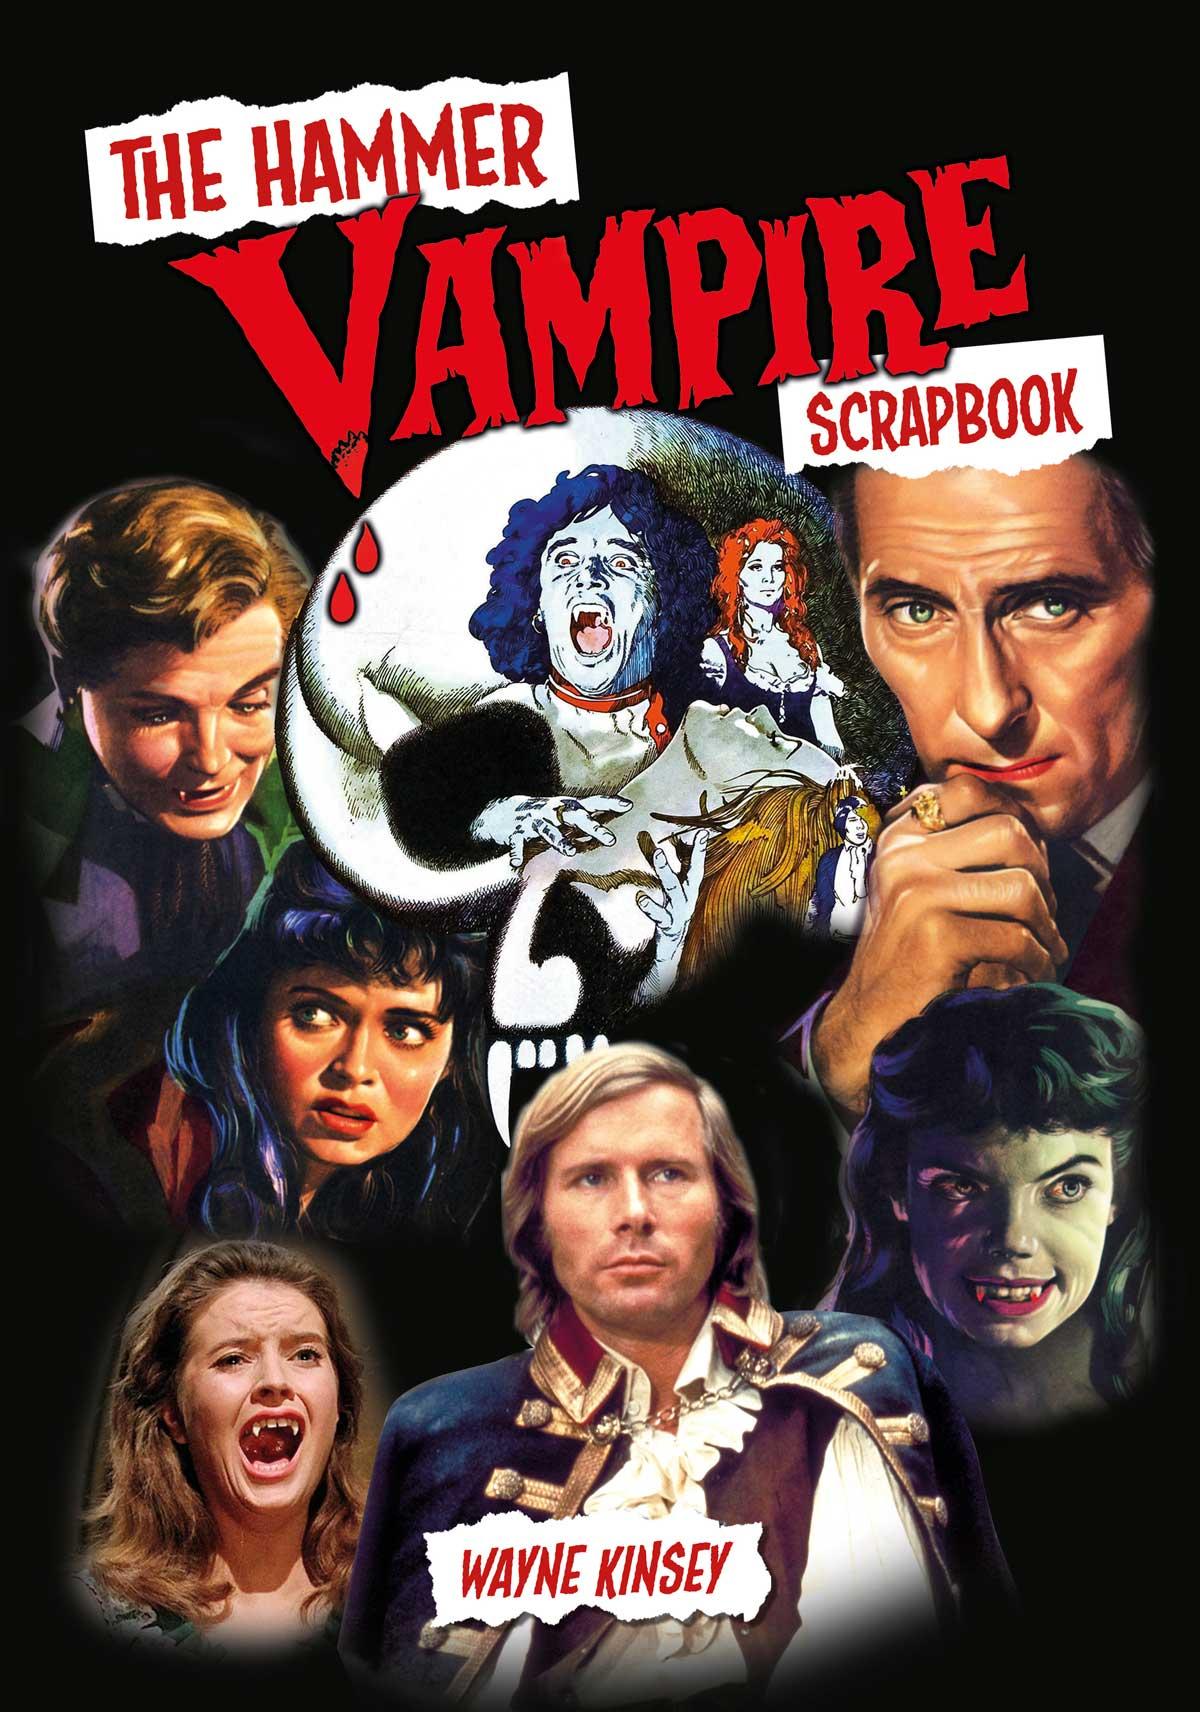 Hammer Vampires Scrapbook